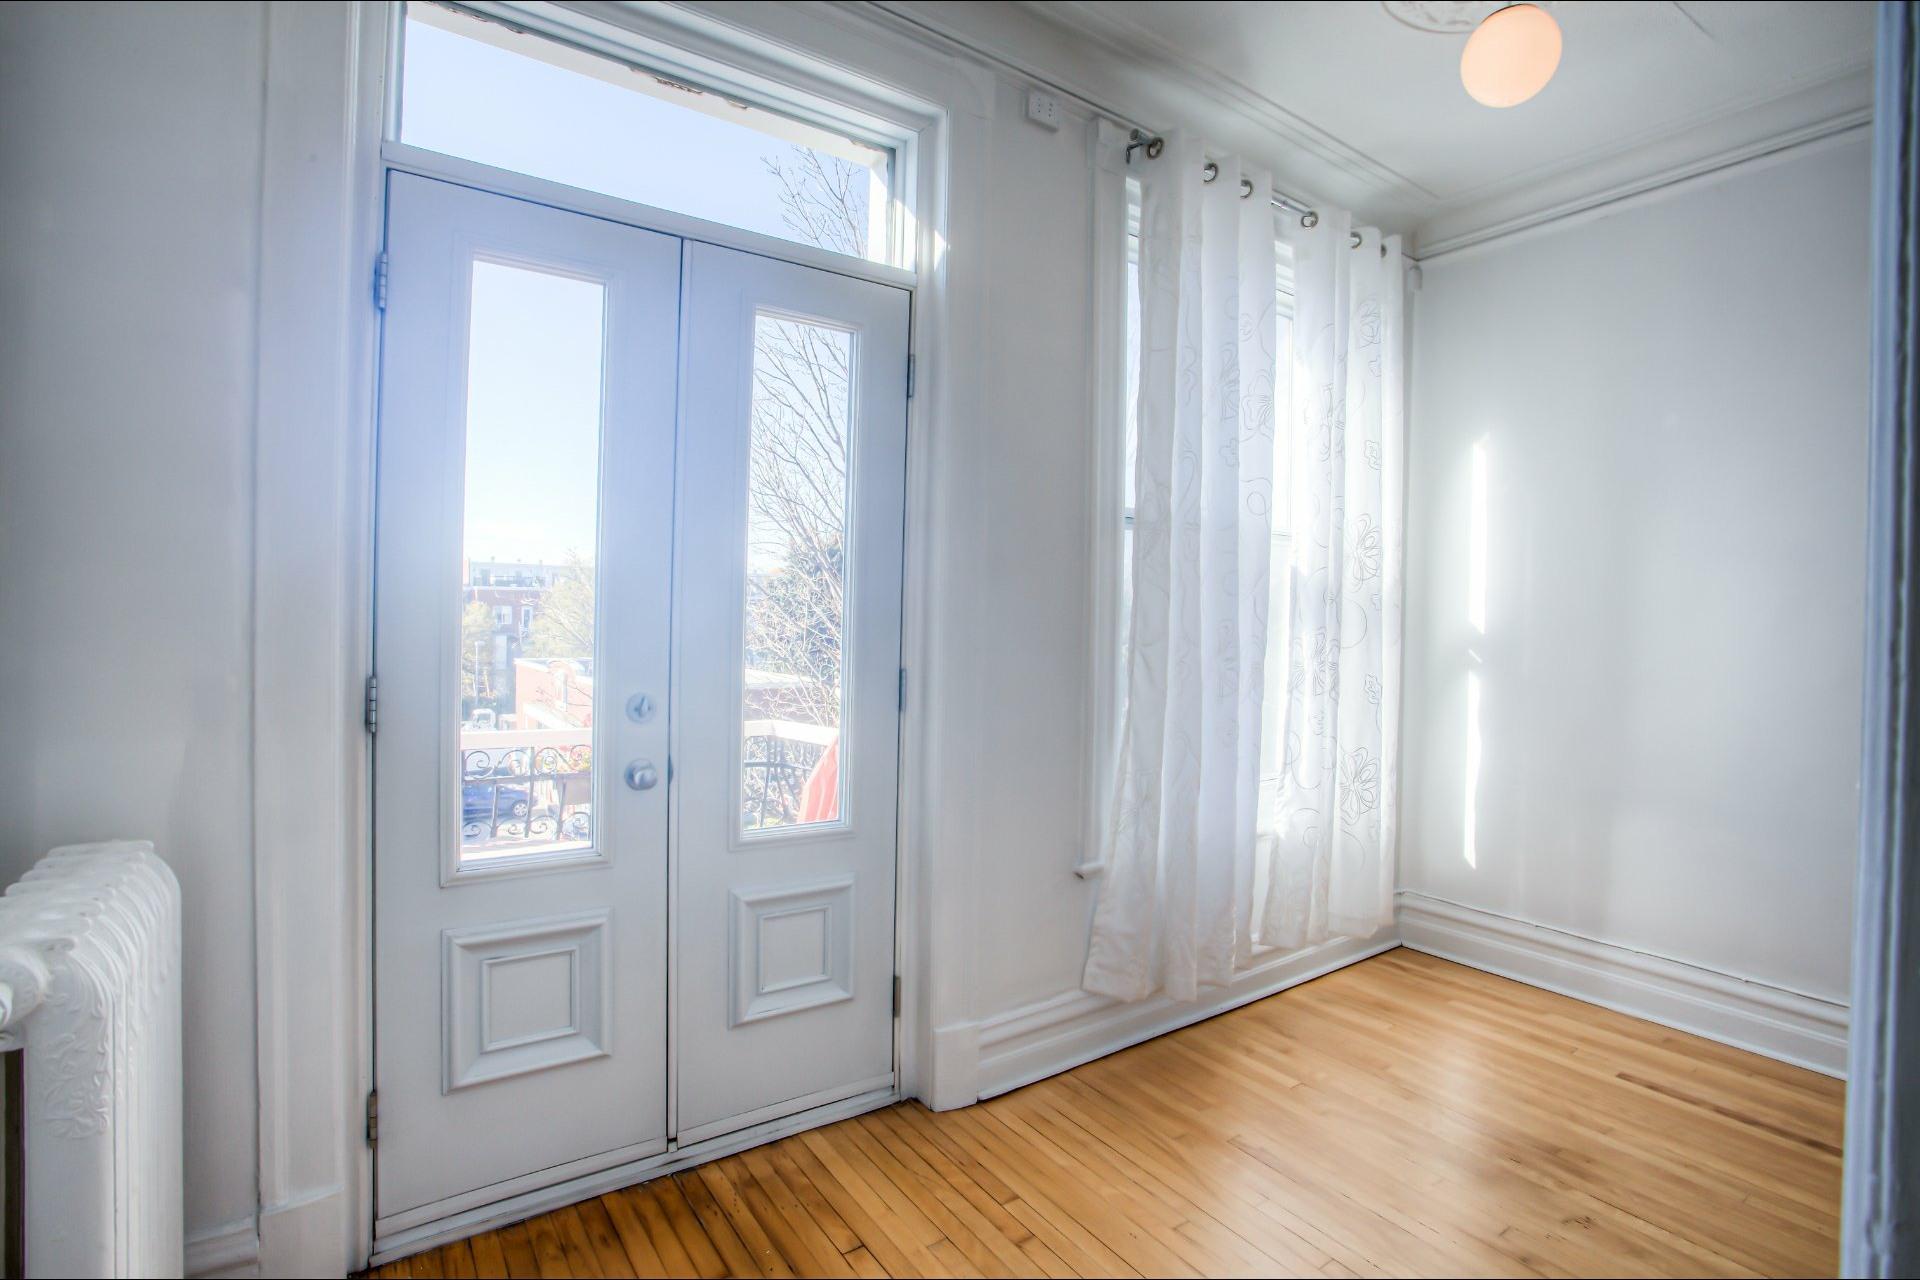 image 12 - Appartement À vendre Rosemont/La Petite-Patrie Montréal  - 8 pièces